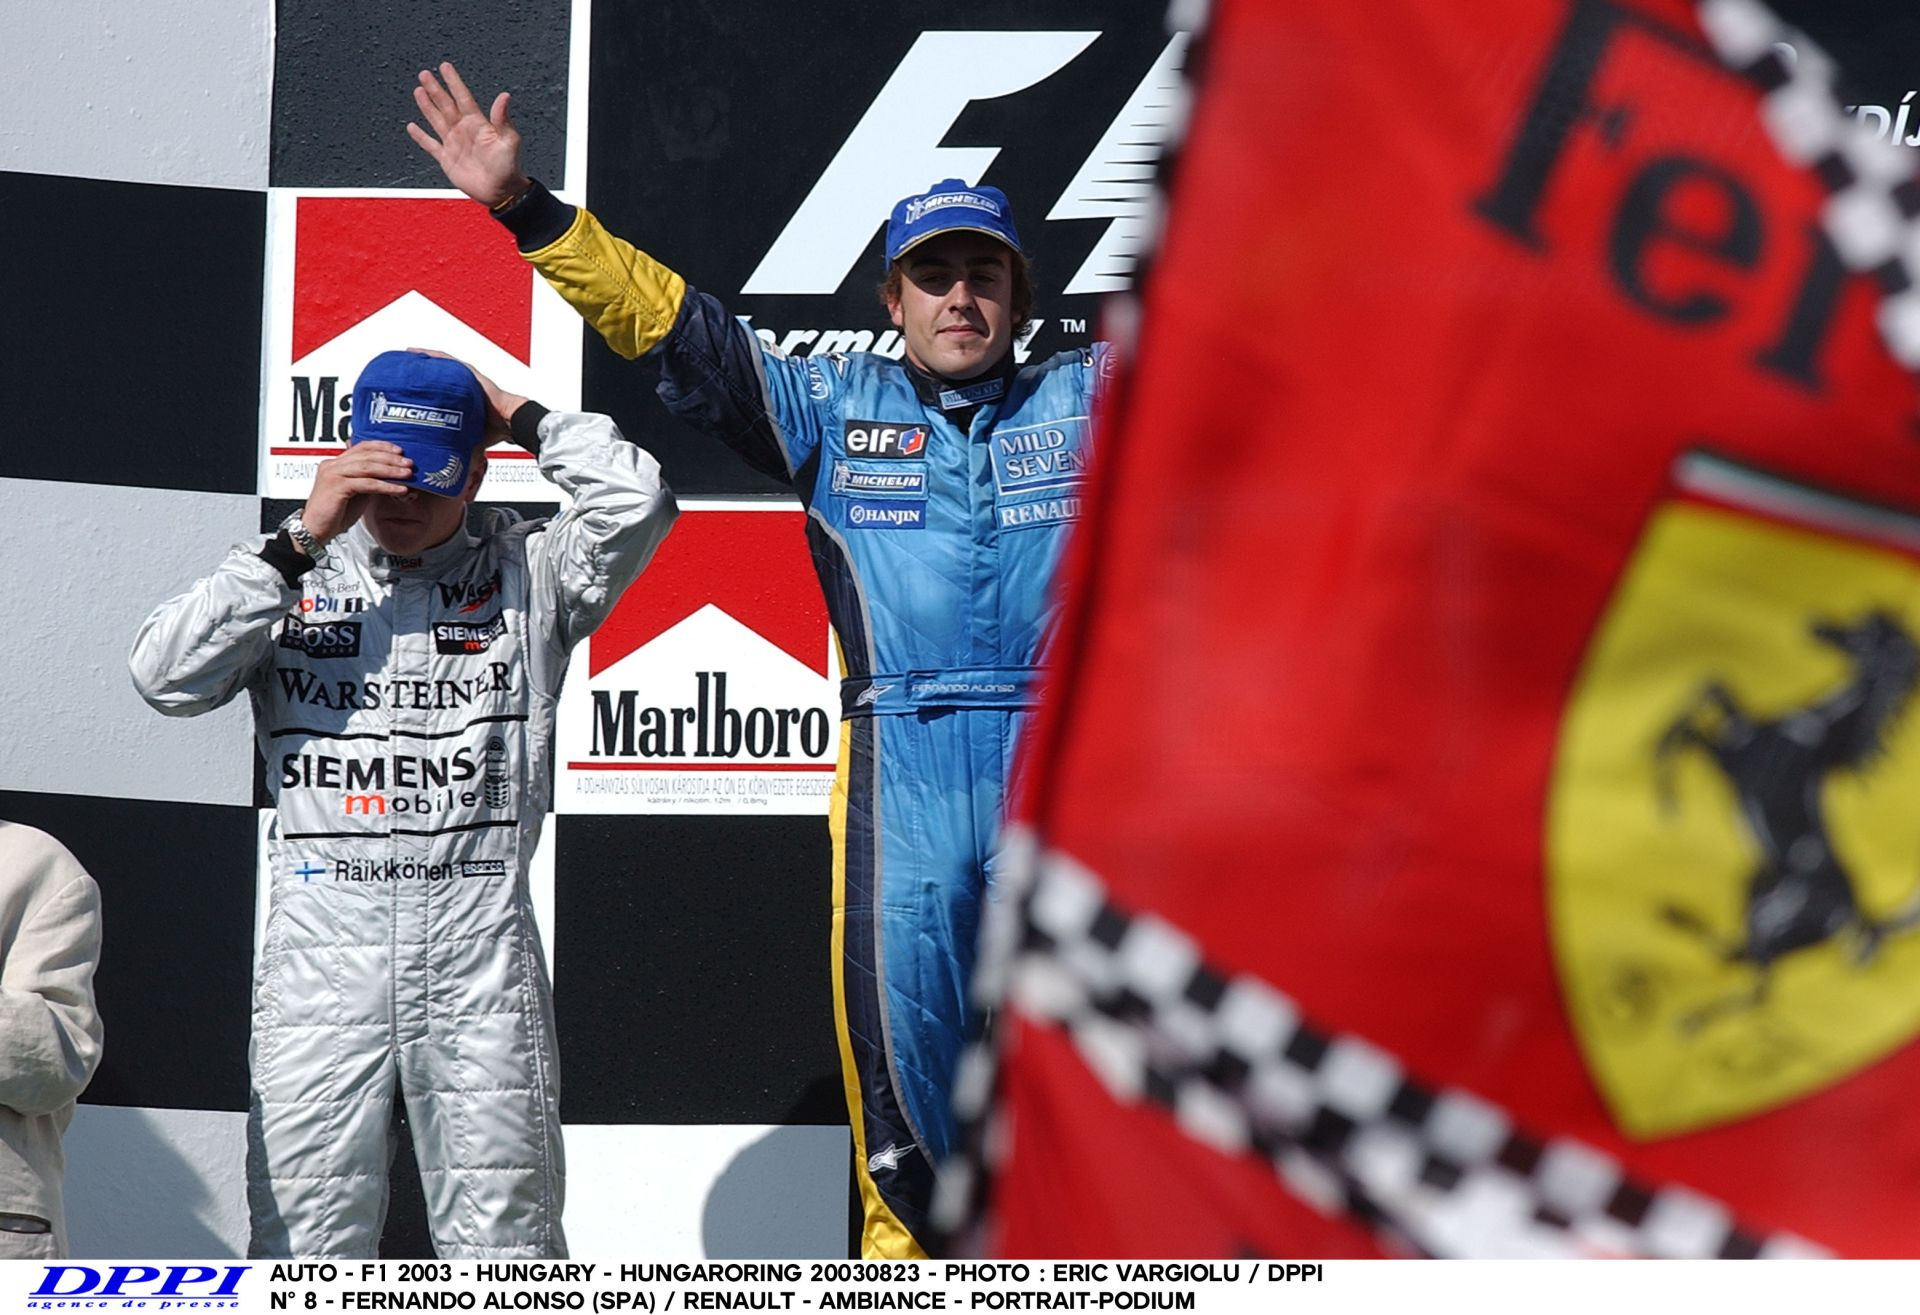 Alonso 2003-ban ezen a napon lett minden idők legfiatalabb futamgyőztese a Forma-1-nek: Magyar Nagydíj